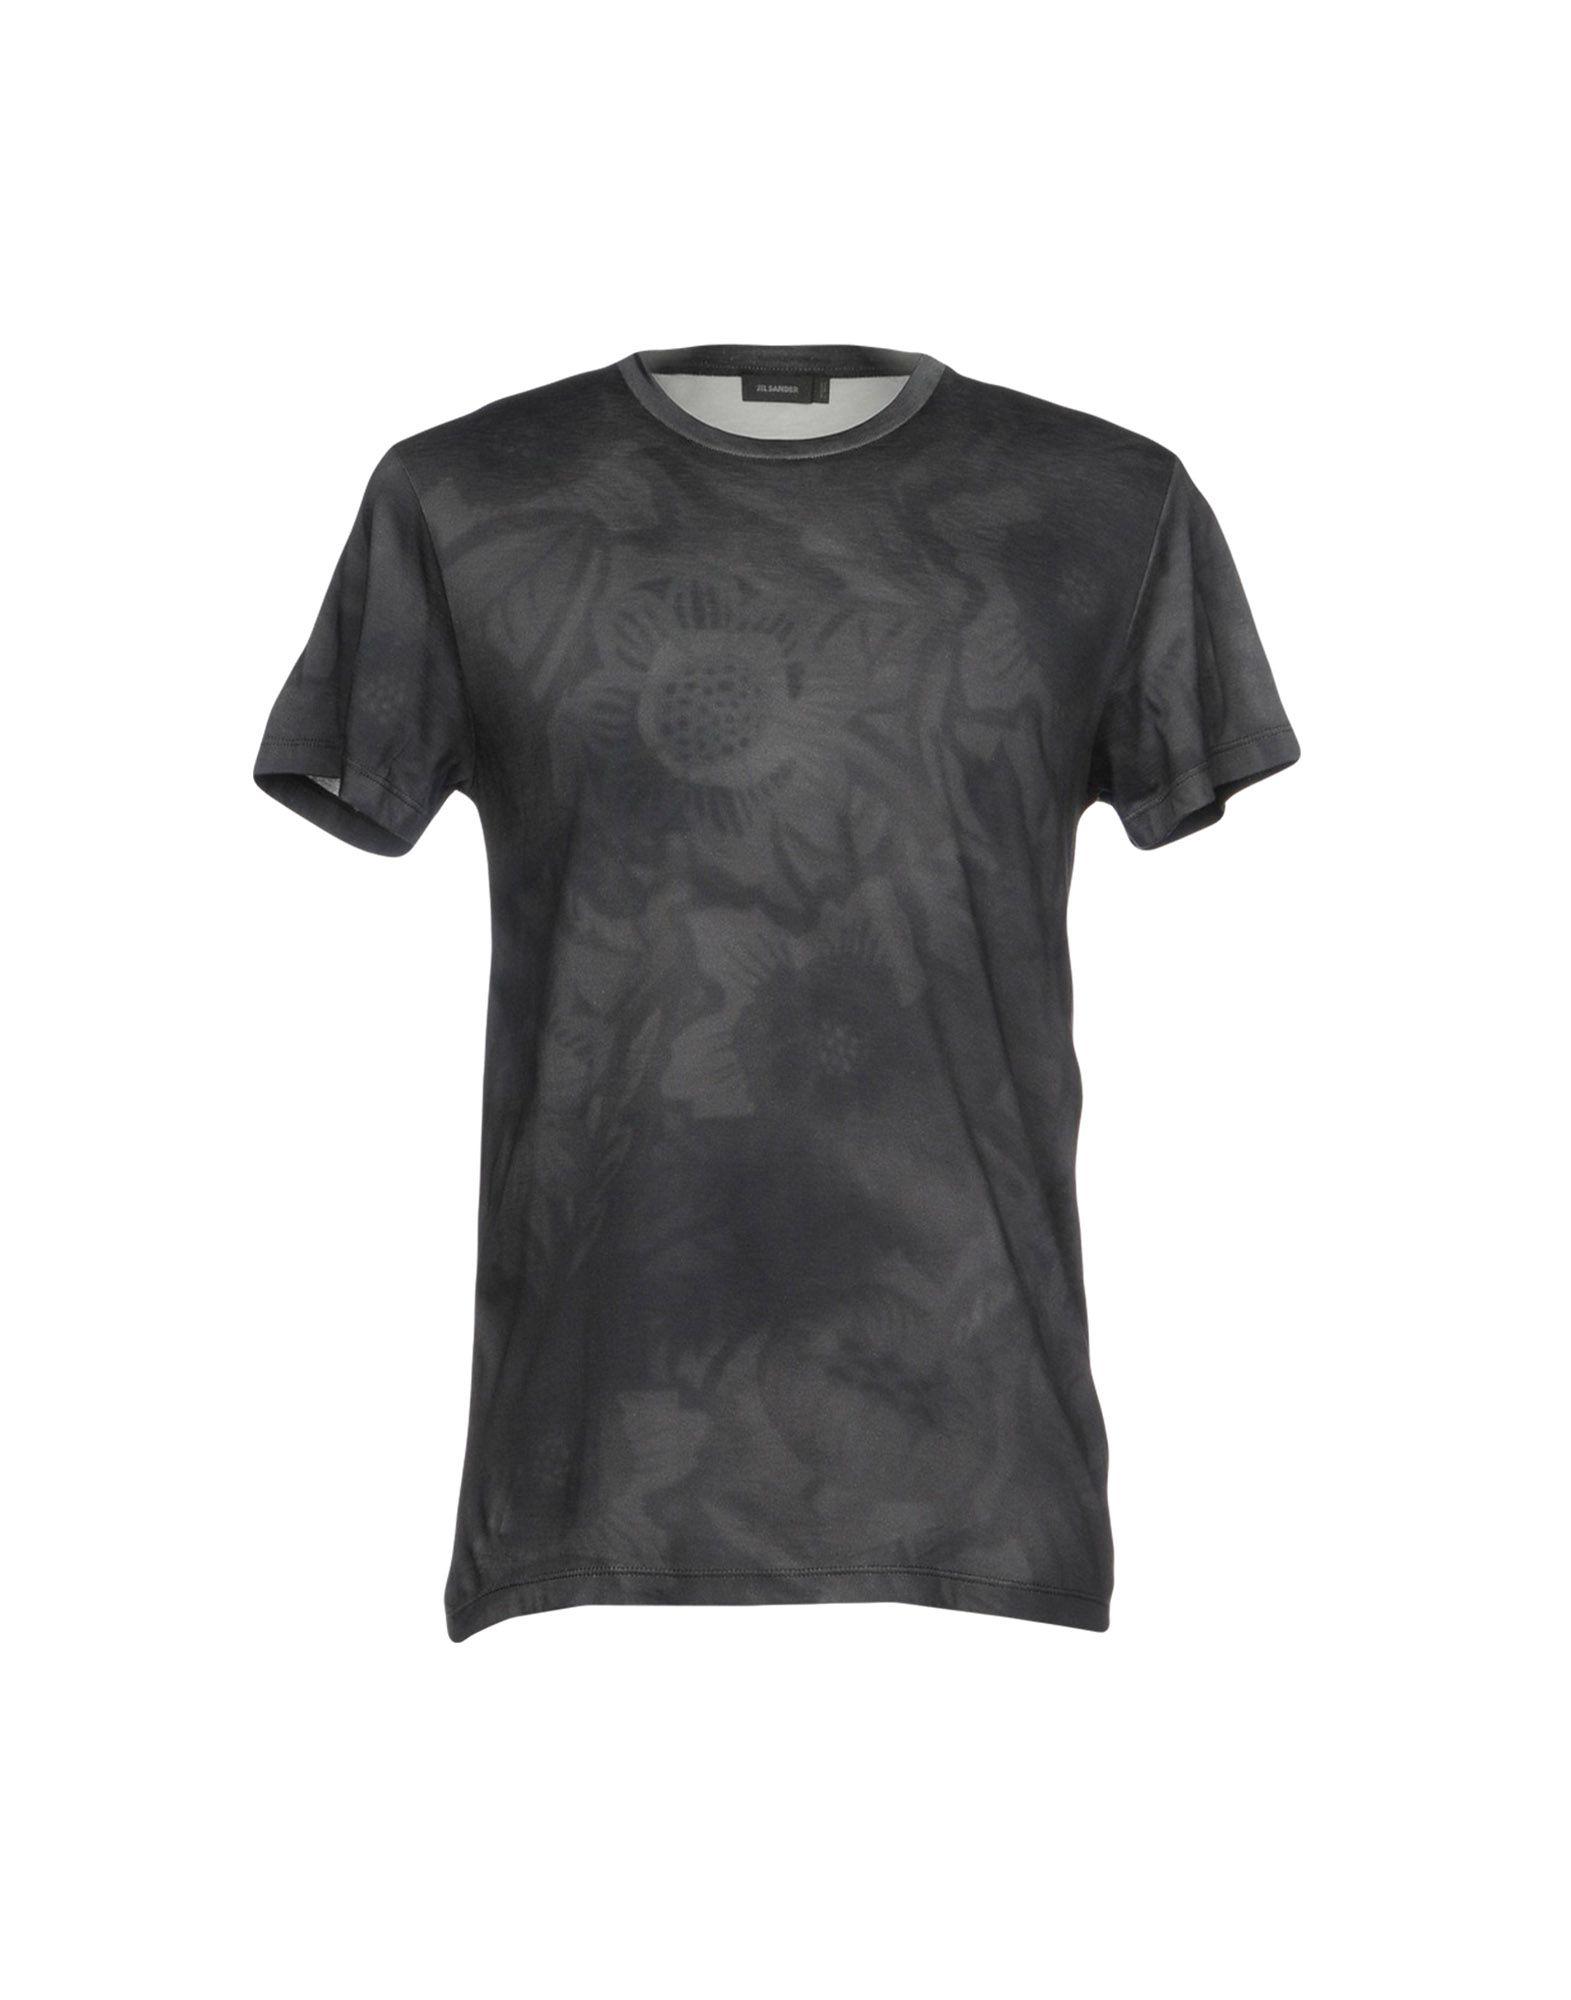 T-Shirt Jil Sander Uomo - - Uomo 12083084UR eed568